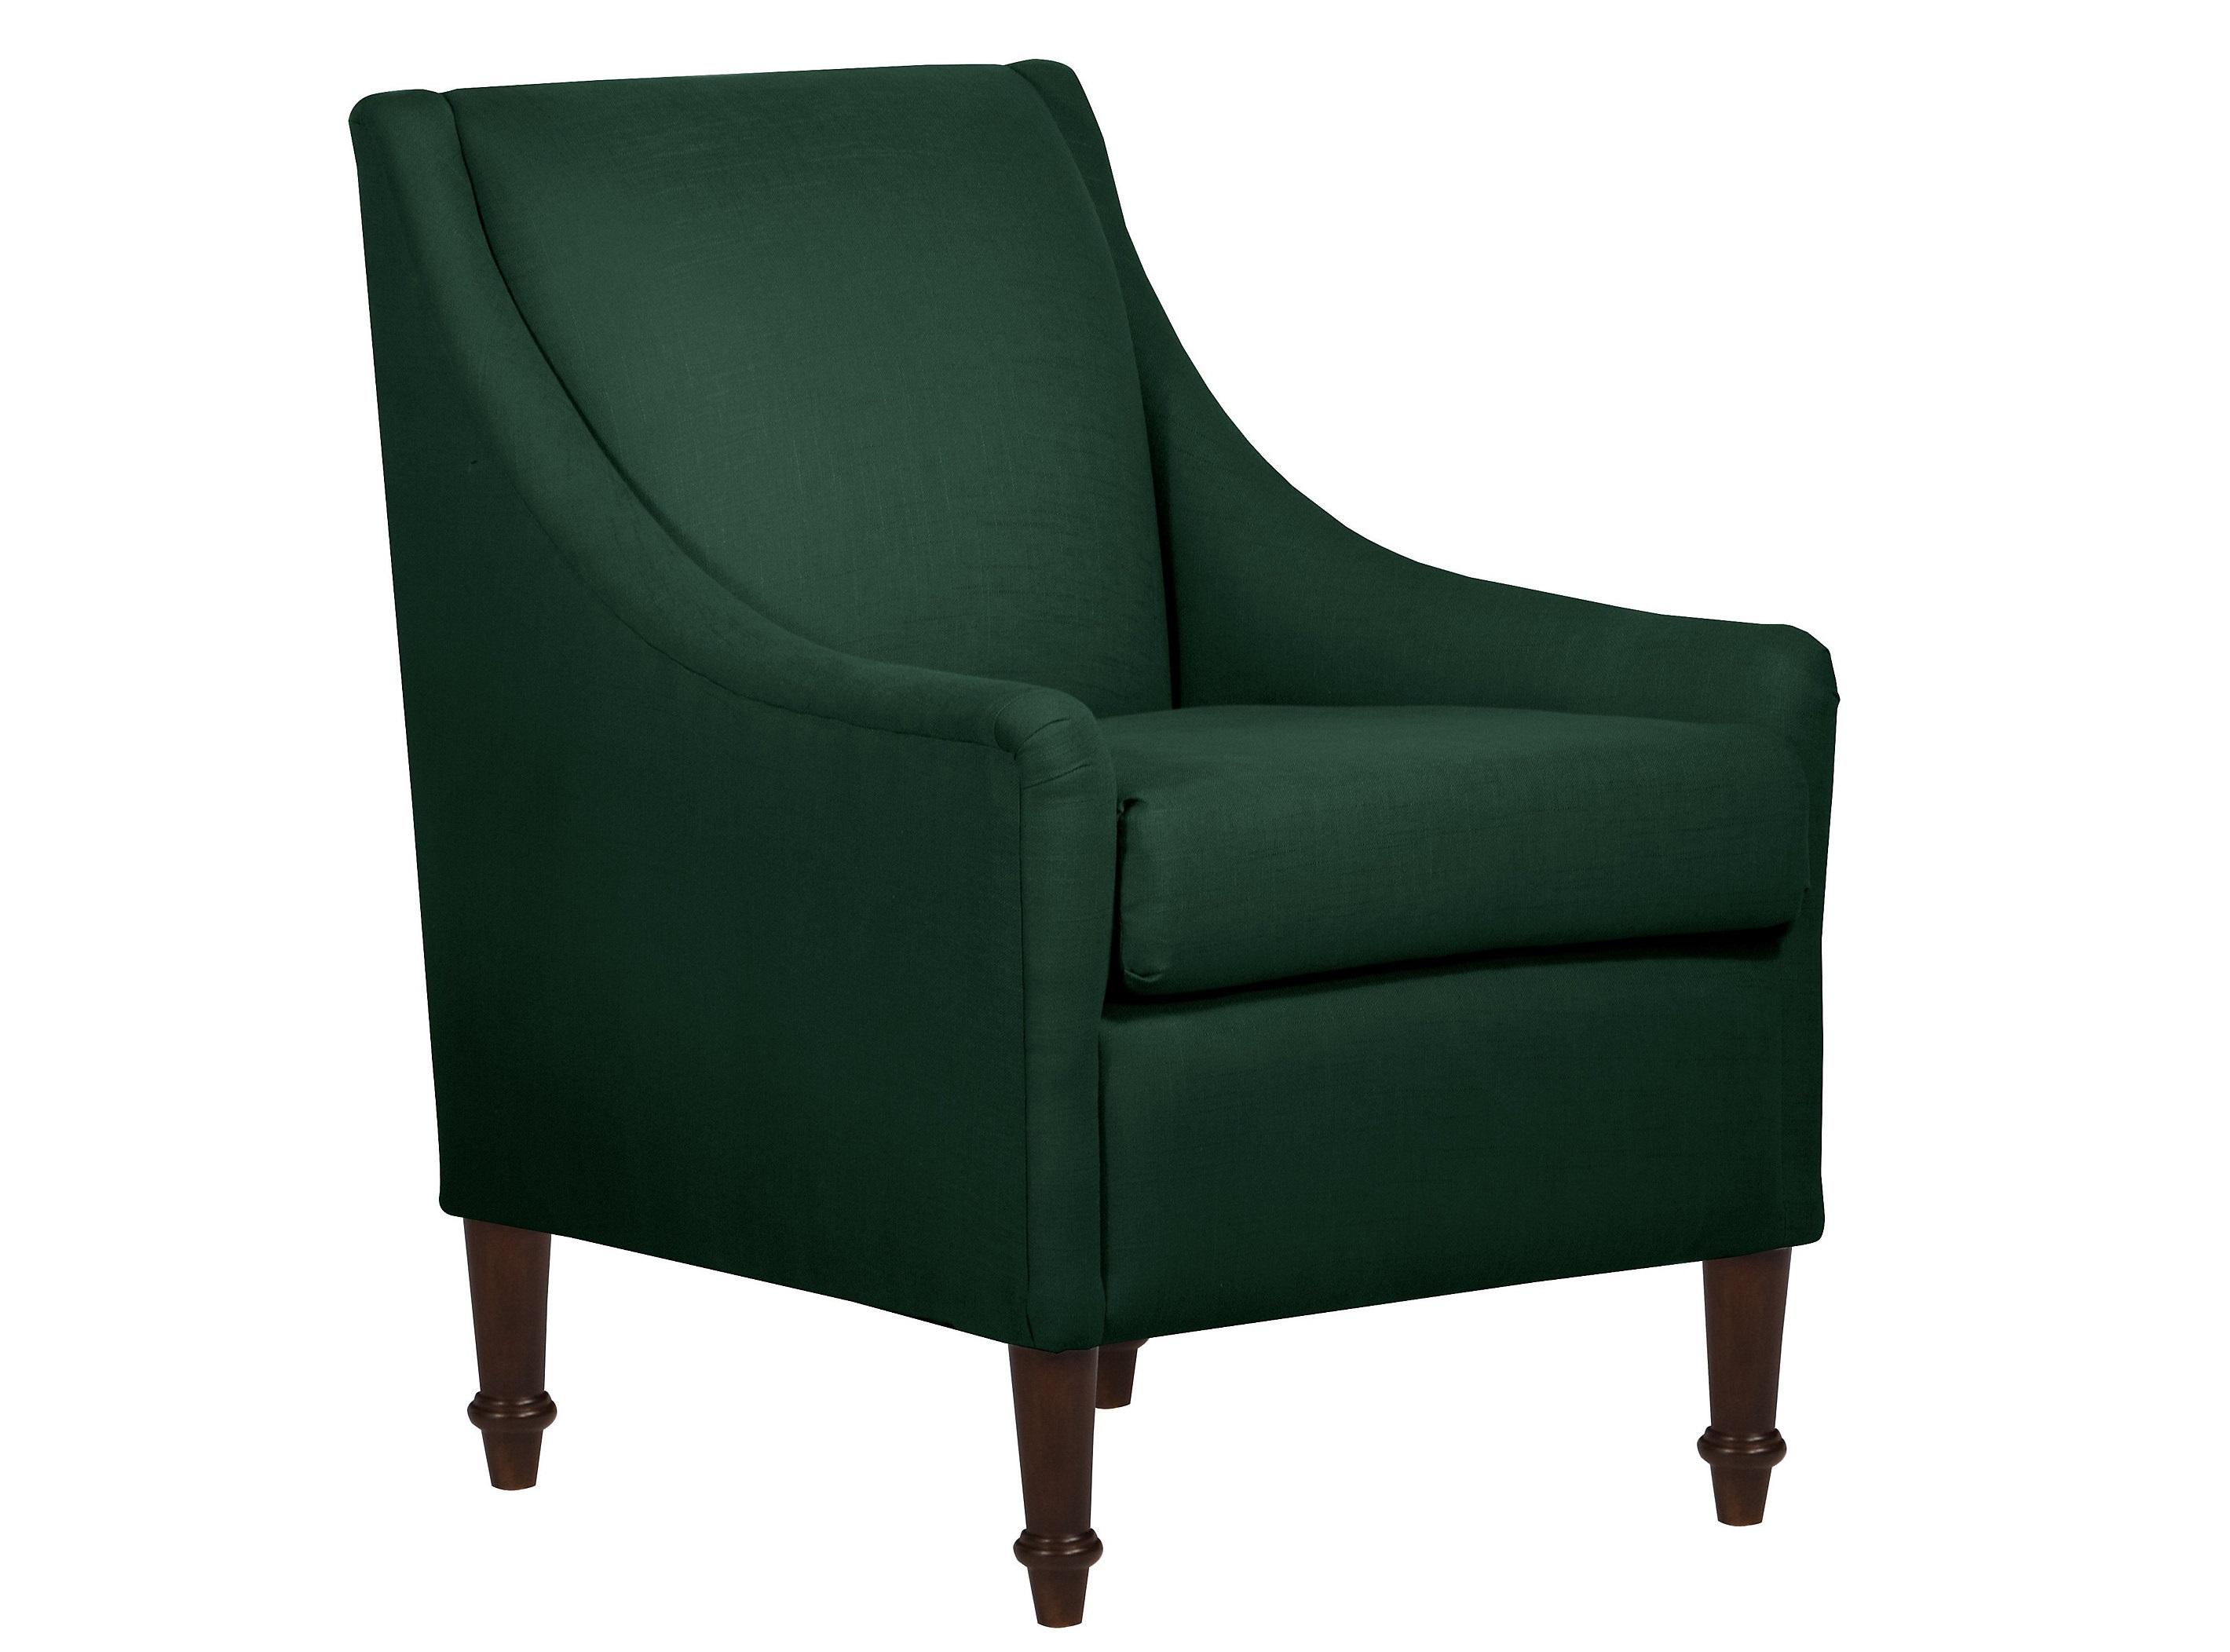 Интерьерное кресло HolmesИнтерьерные кресла<br>&amp;lt;div&amp;gt;Особенности кресла: &amp;amp;nbsp;ножки из дуба .&amp;amp;nbsp;&amp;lt;br&amp;gt;&amp;lt;/div&amp;gt;&amp;lt;div&amp;gt;Обивку кресла можно подобрать, палитру и цену уточняйте у менеджера.&amp;lt;br&amp;gt;&amp;lt;/div&amp;gt;&amp;lt;div&amp;gt;&amp;lt;br&amp;gt;&amp;lt;/div&amp;gt;&amp;lt;div&amp;gt;Высота сидения: 48 см.&amp;lt;/div&amp;gt;&amp;lt;div&amp;gt;&amp;lt;br&amp;gt;&amp;lt;/div&amp;gt;&amp;lt;div&amp;gt;&amp;lt;br&amp;gt;&amp;lt;/div&amp;gt;<br><br>Material: Текстиль<br>Width см: 66<br>Depth см: 77<br>Height см: 84